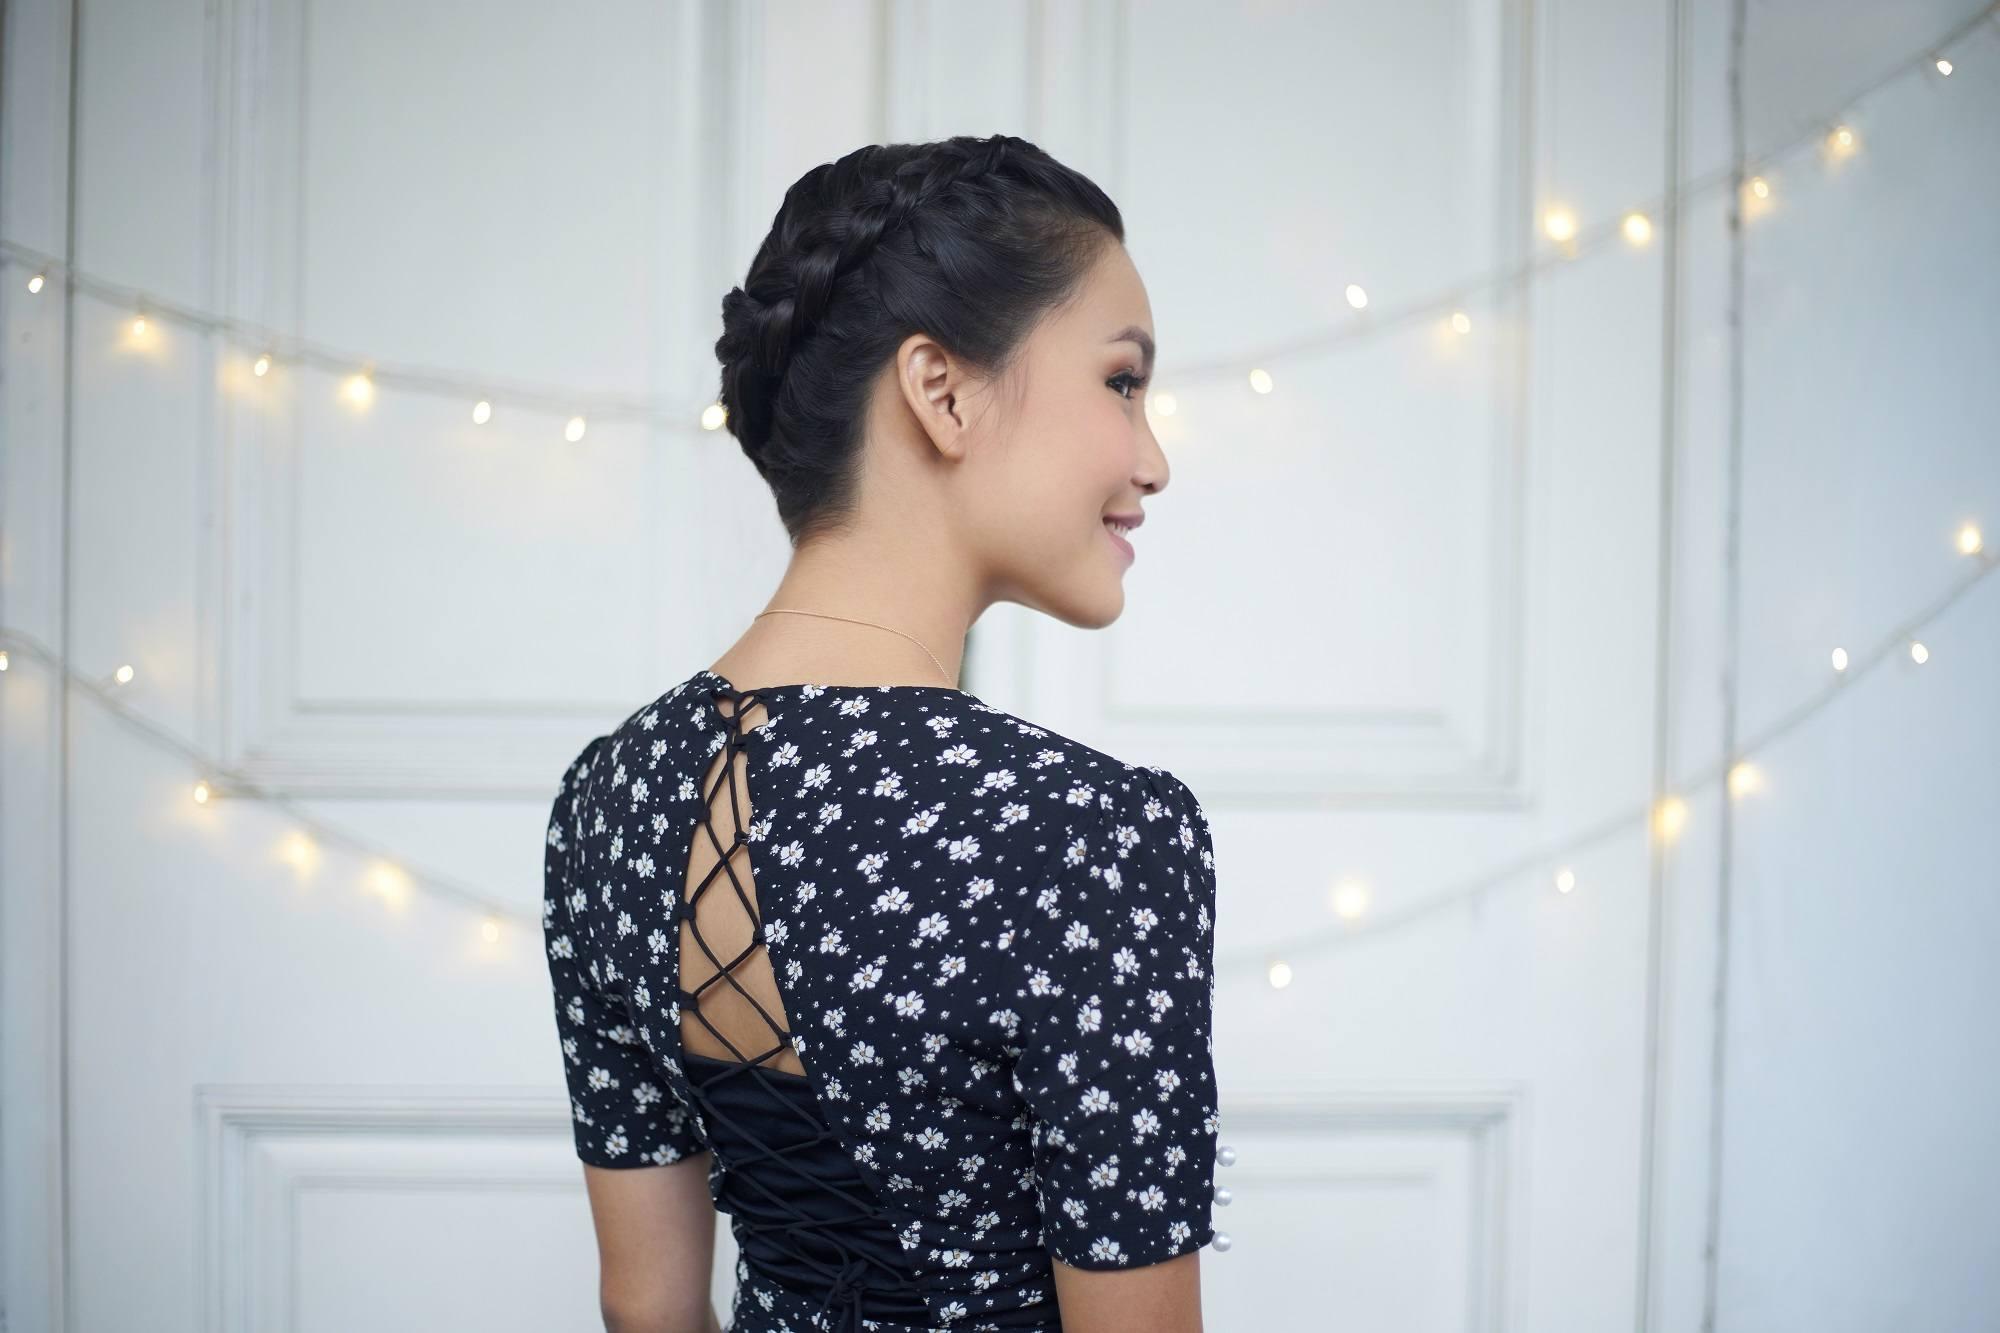 Wedding hair braid: Asian woman with black hair in halo braid